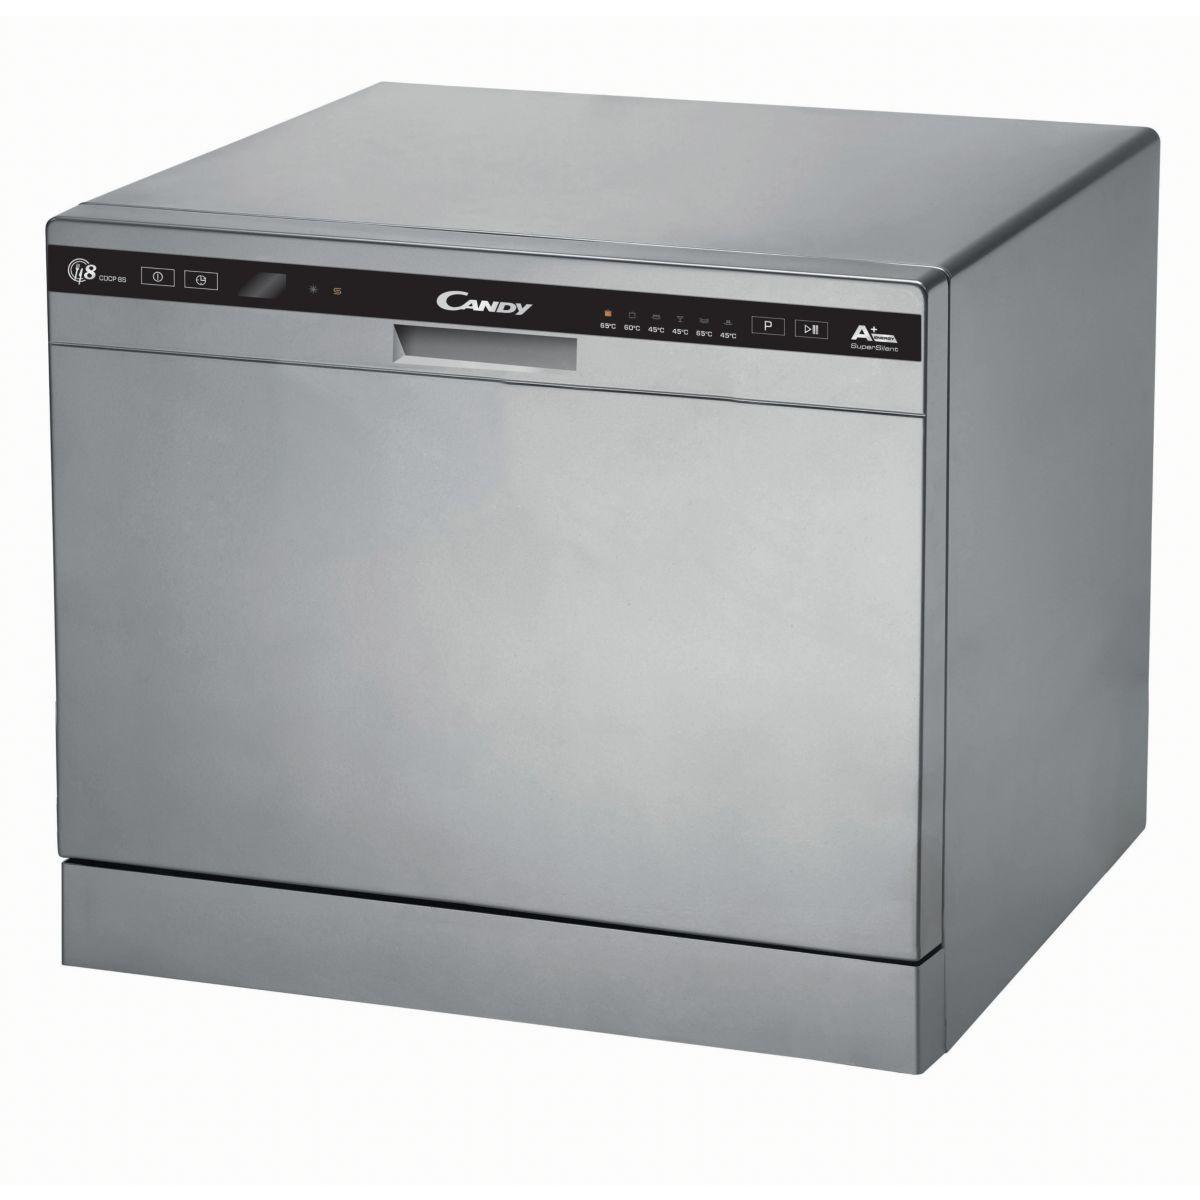 Lave-vaisselle 45cm candy cdcp 8/e-s - 20% de remise immédiate avec le code : cool20 (photo)